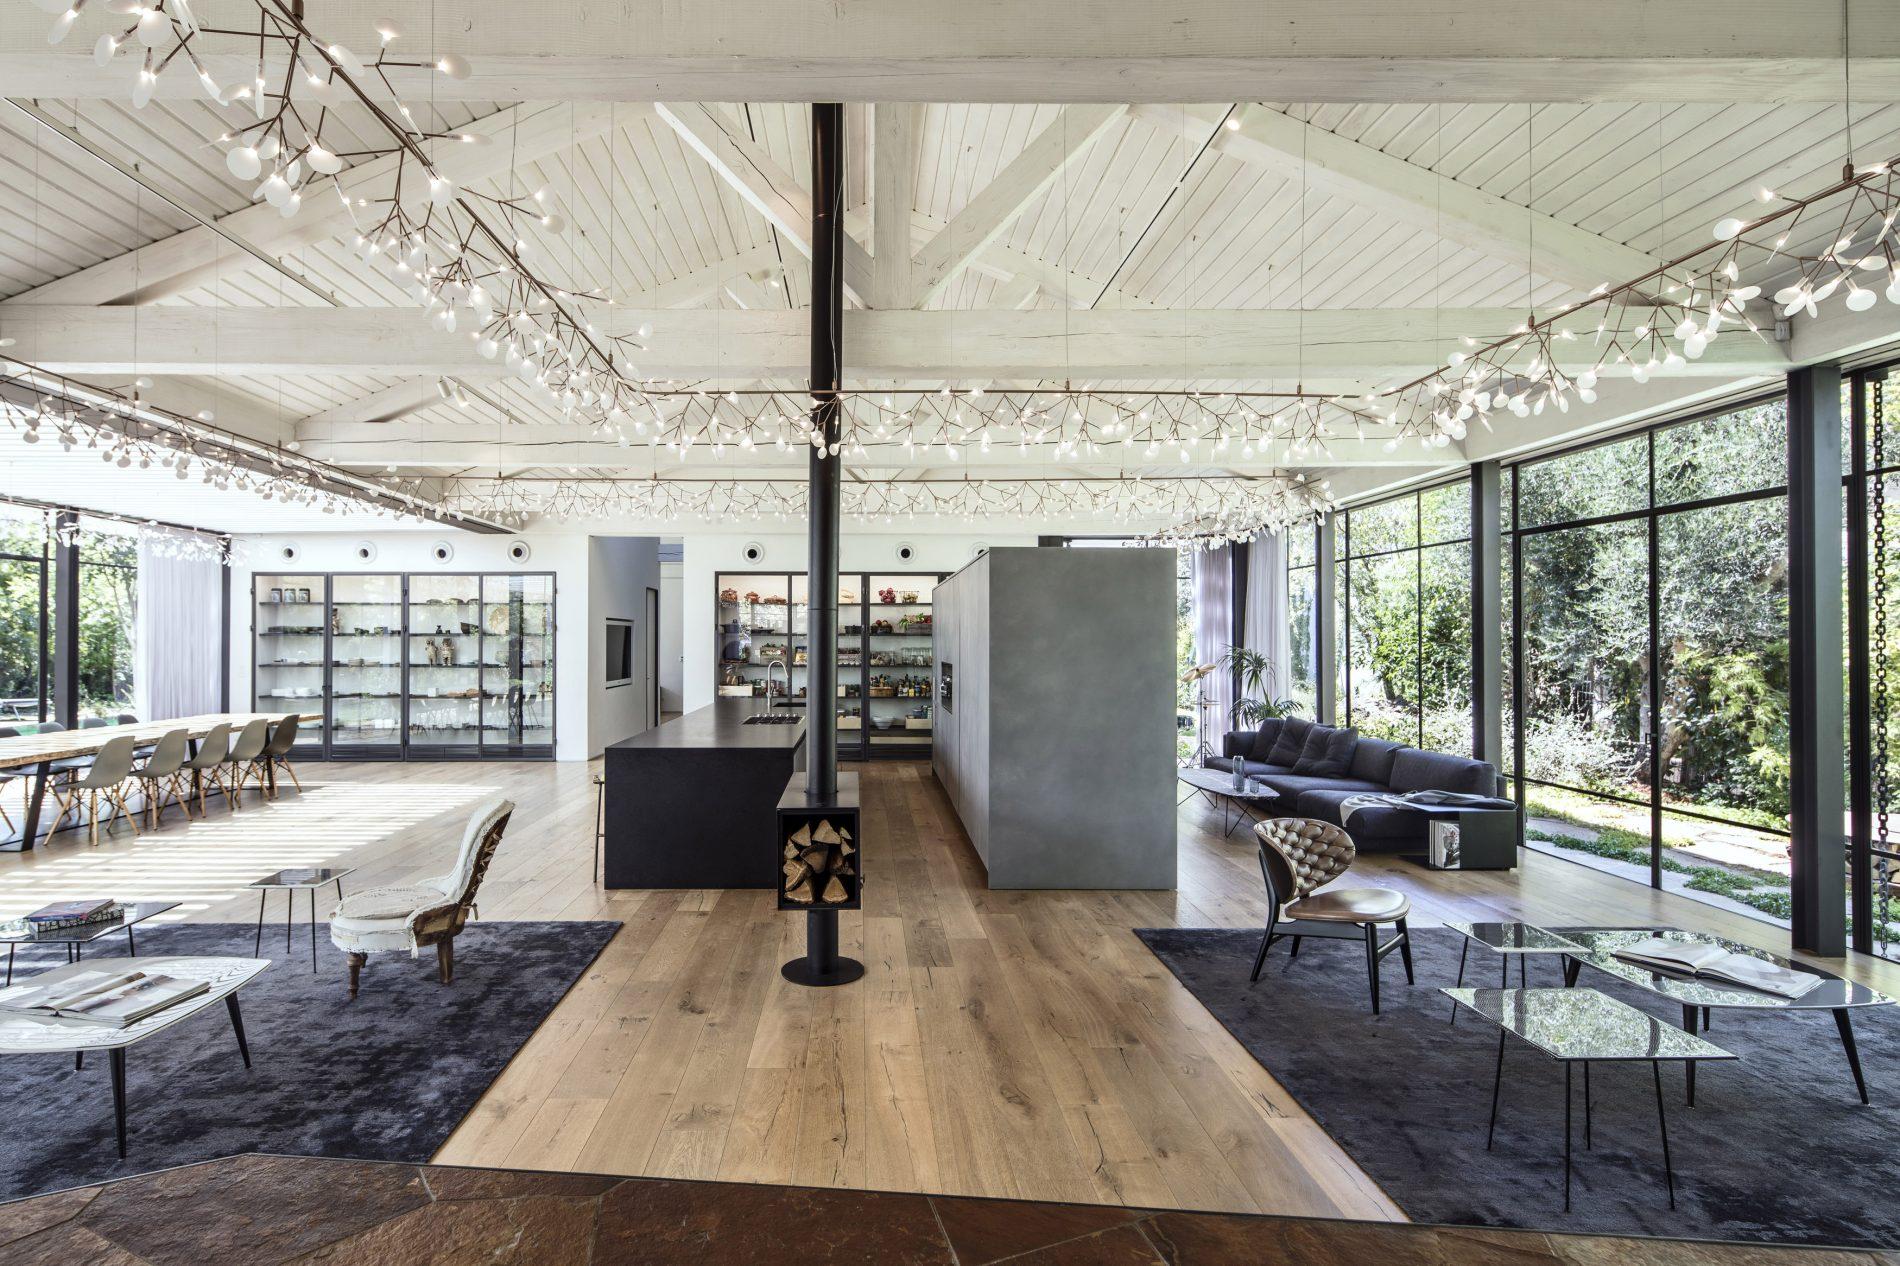 פנים הבית ברקע ארון פינת האוכל וארון המטבח השקופים - פרוייקט בית הזכוכית